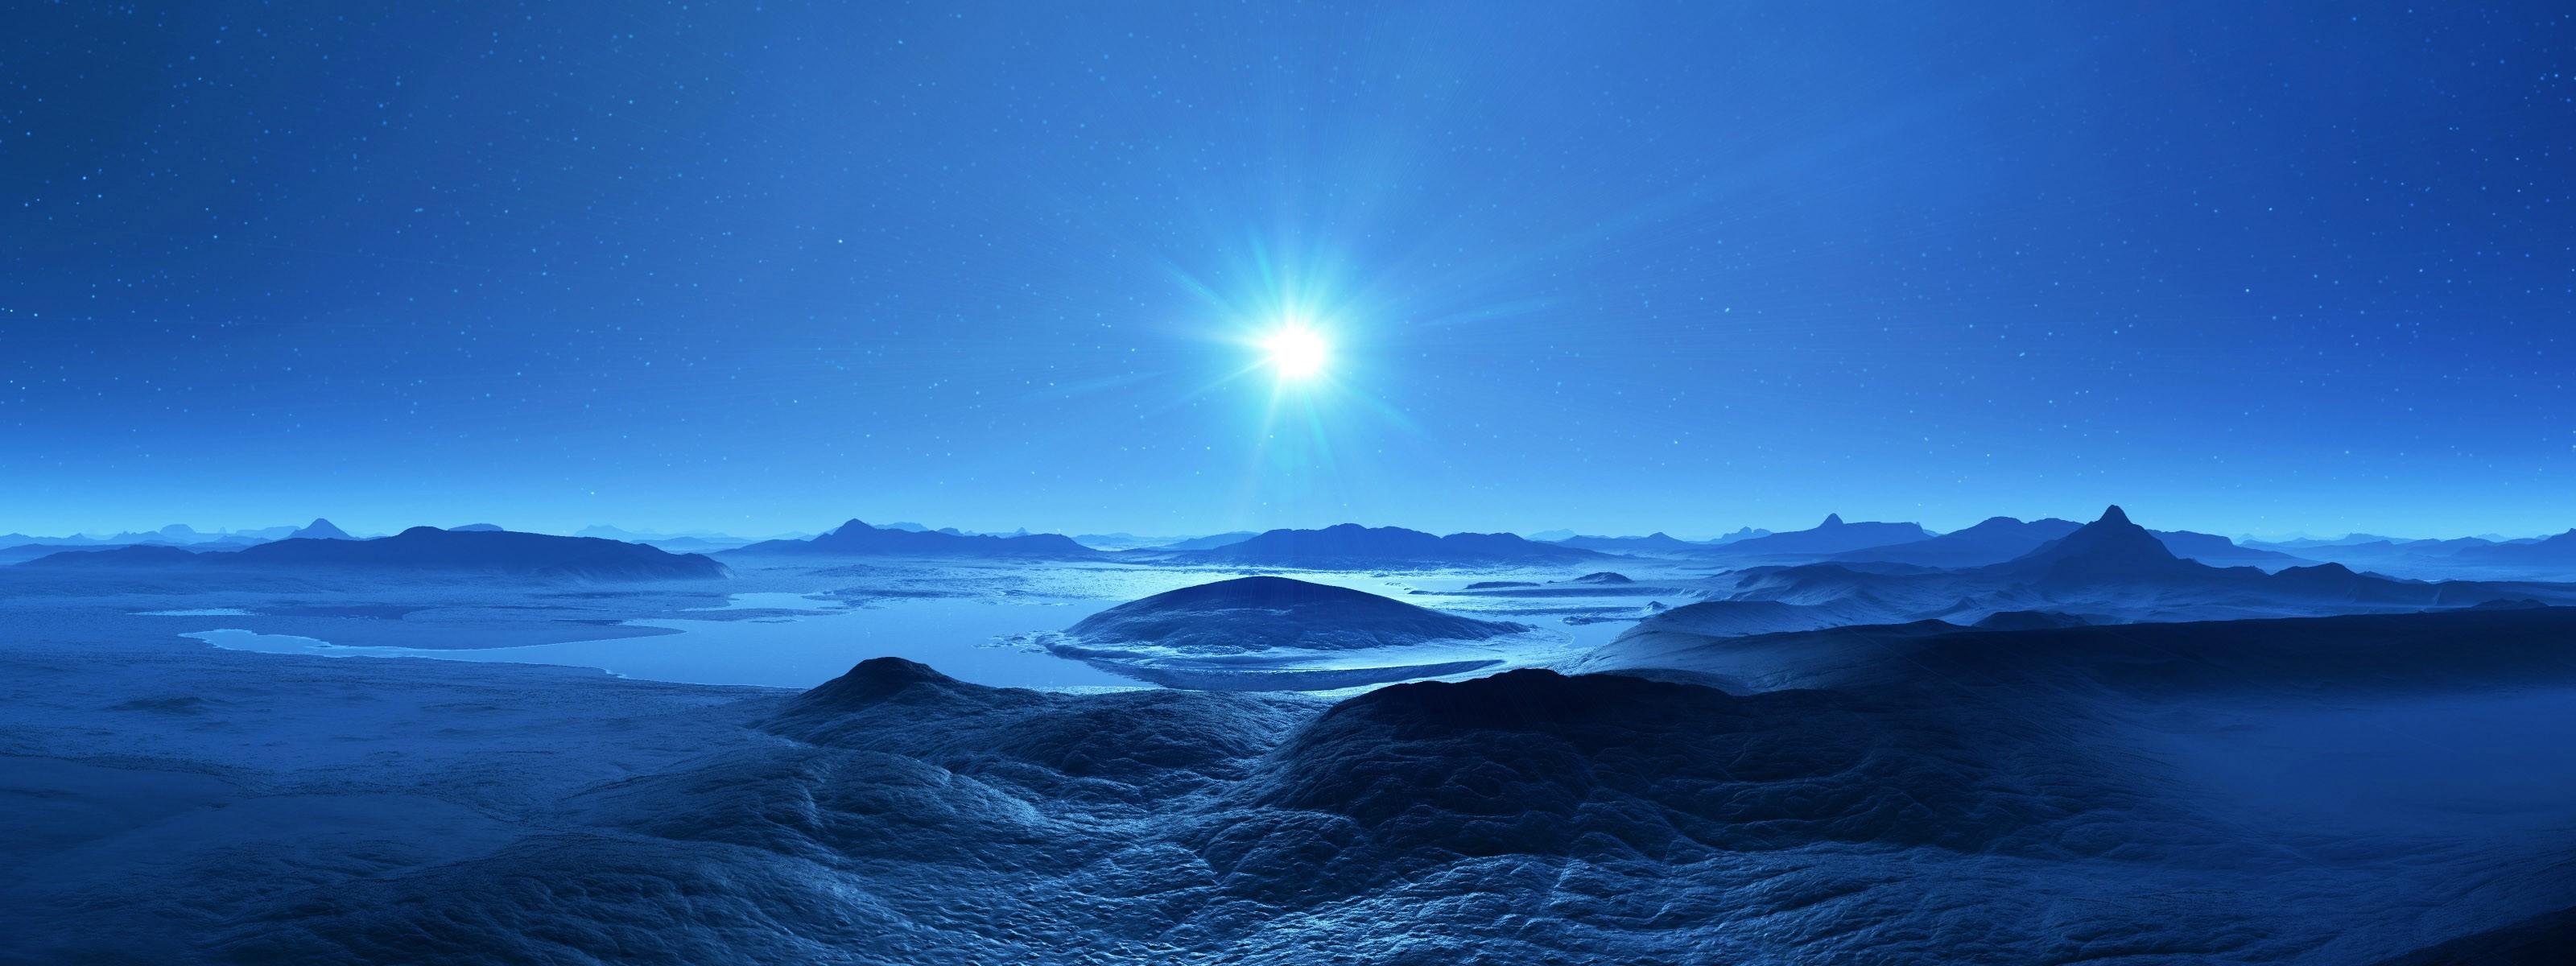 デスクトップ壁紙 風景 地球 氷 月光 地平線 雰囲気 マルチ